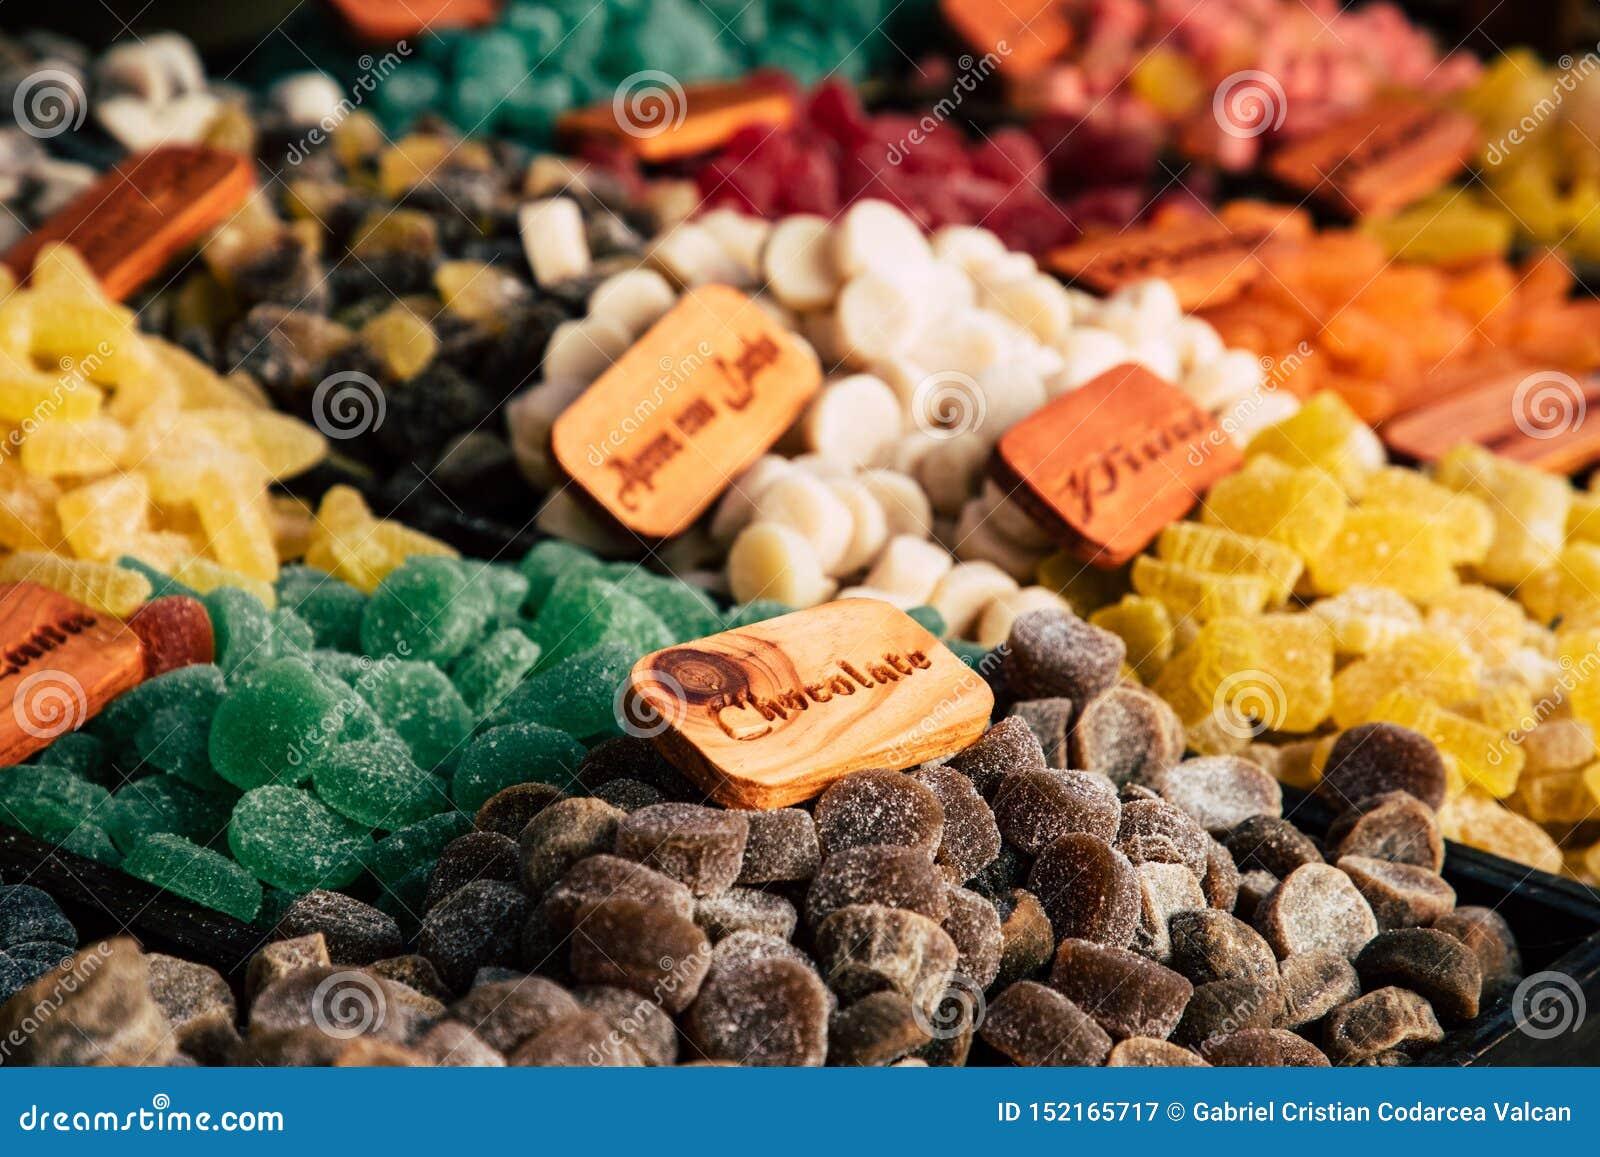 Gommes de bonbons à sucre et dragées à la gelée de sucre colorées sur le marché